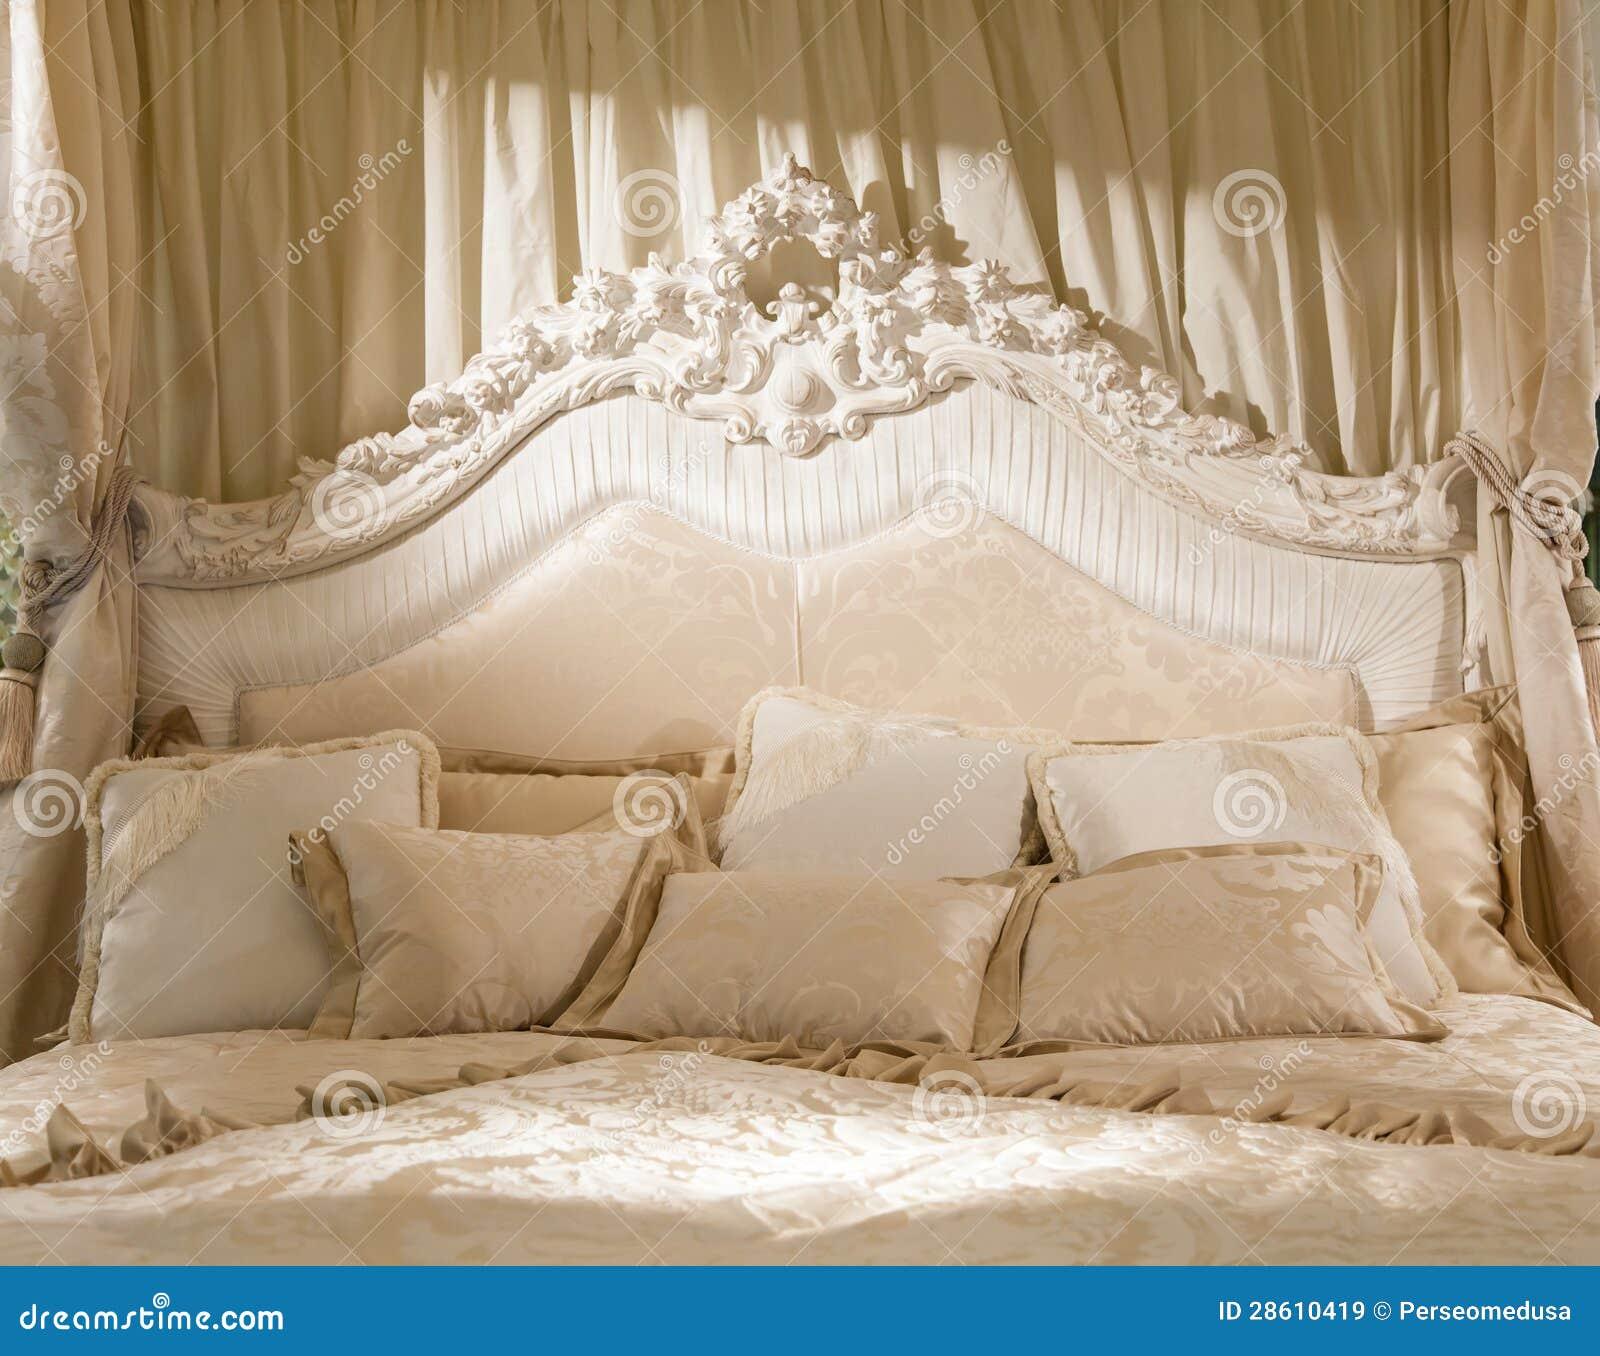 romantische slaapkamer